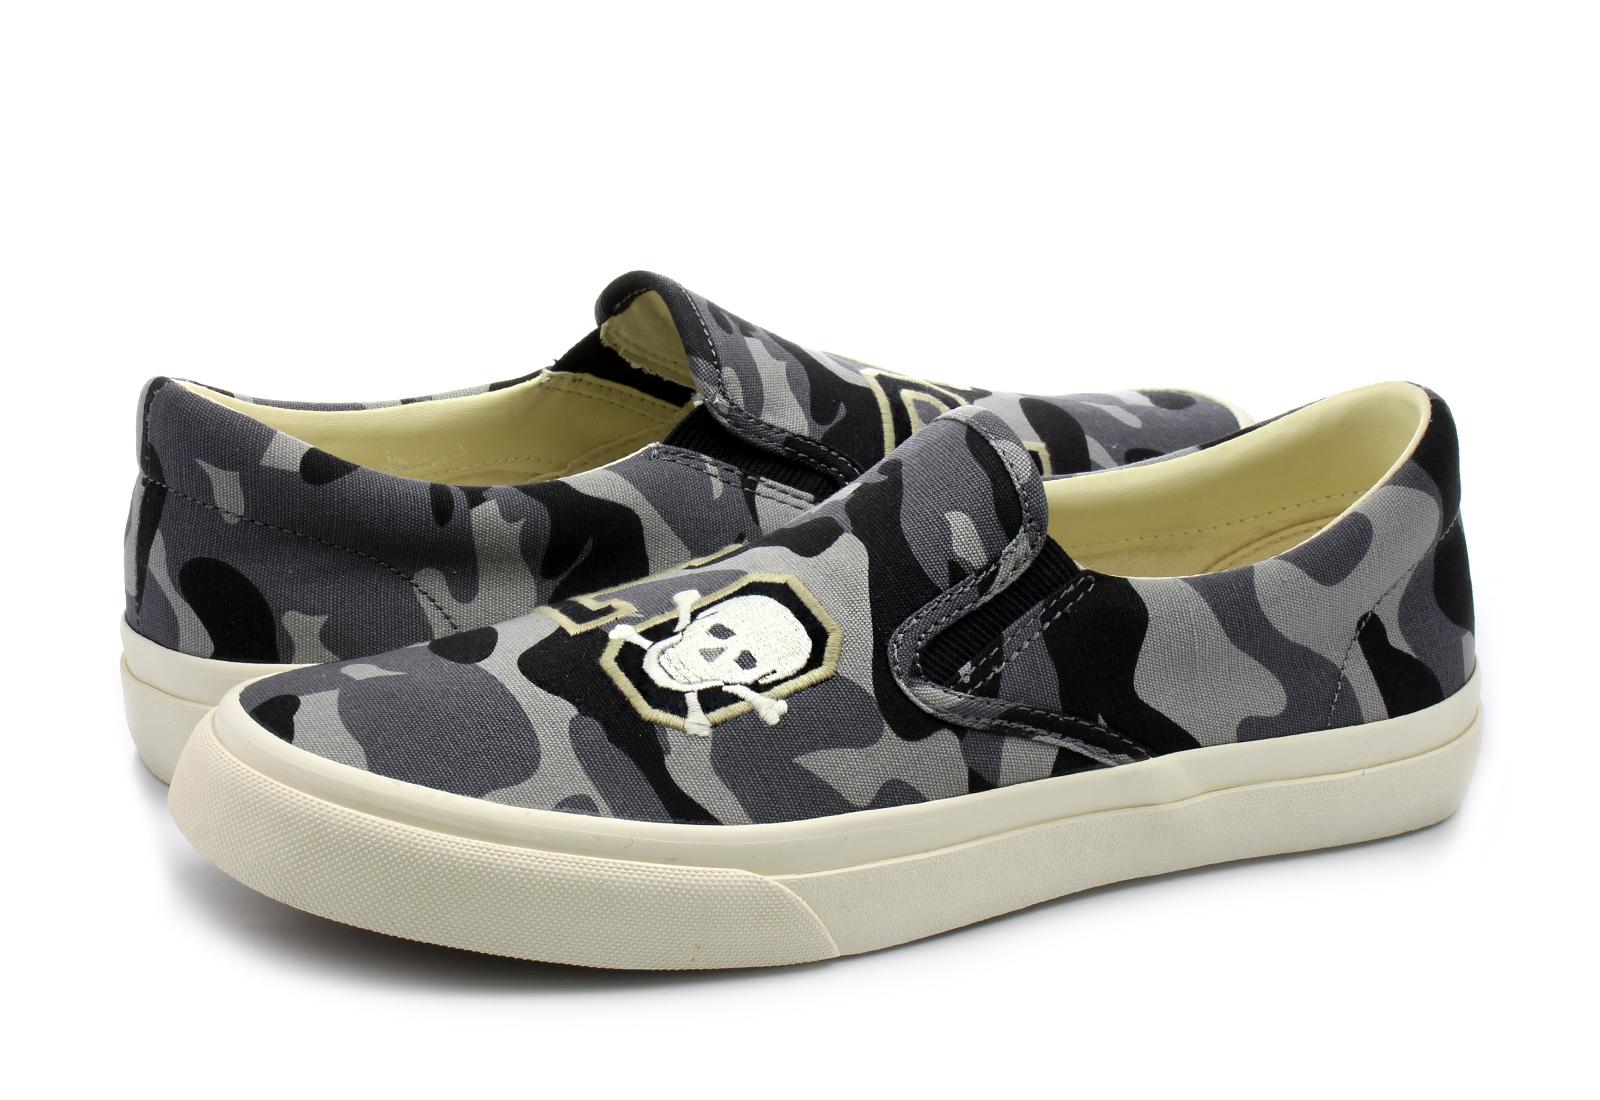 30a7321ff370 Polo Ralph Lauren Shoes - Thompson P-ne - 816694622001 - Online ...